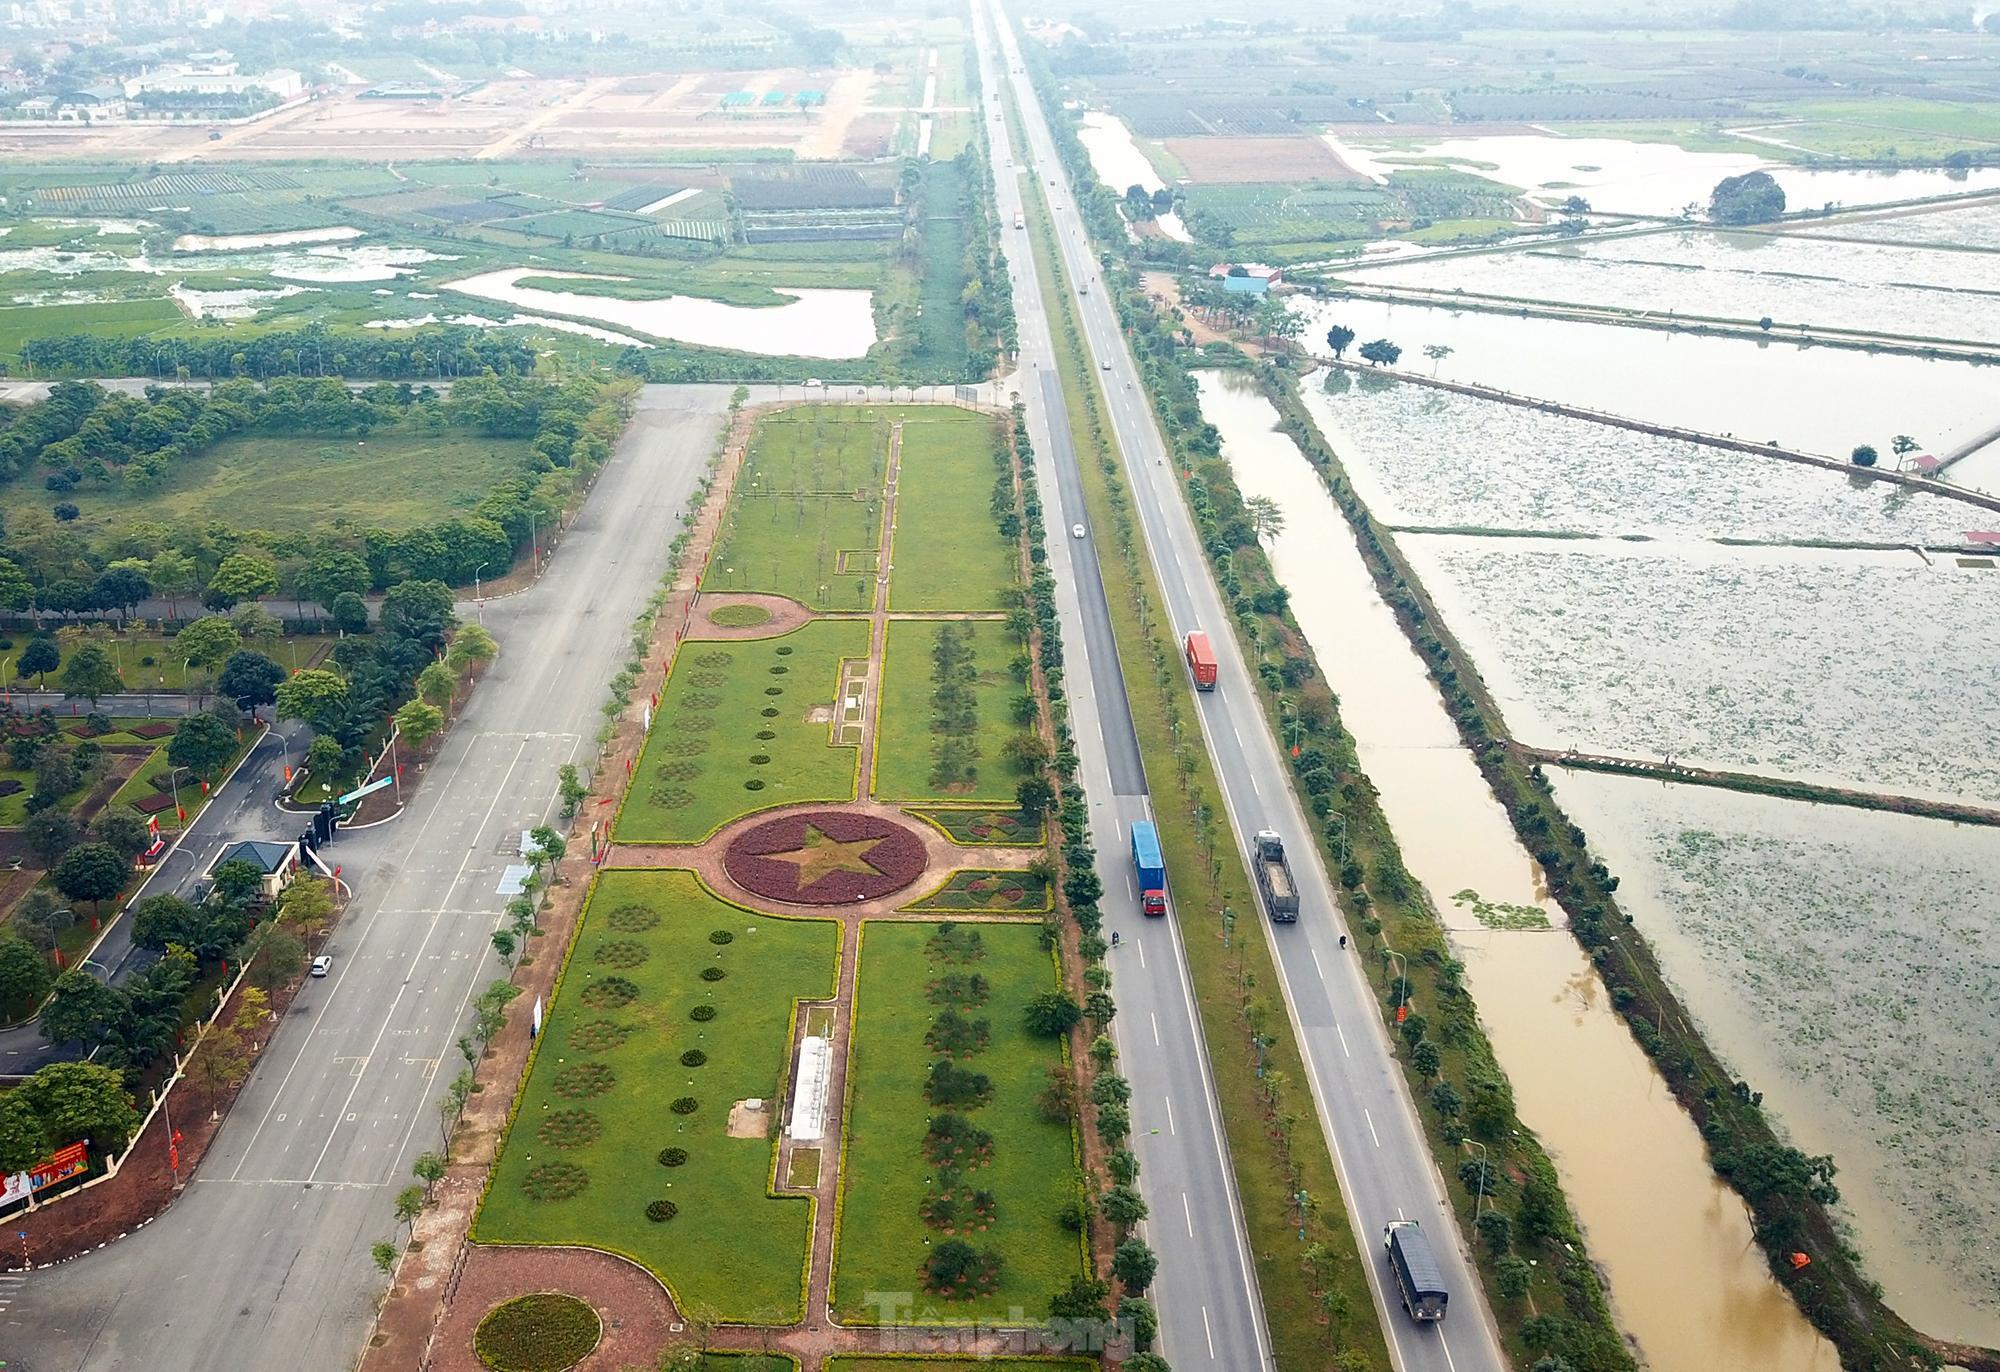 Tuyến đường 2.300 tỷ dài 15 km nối Hà Nội với Vĩnh Phúc hoạt động ra sao? - 3